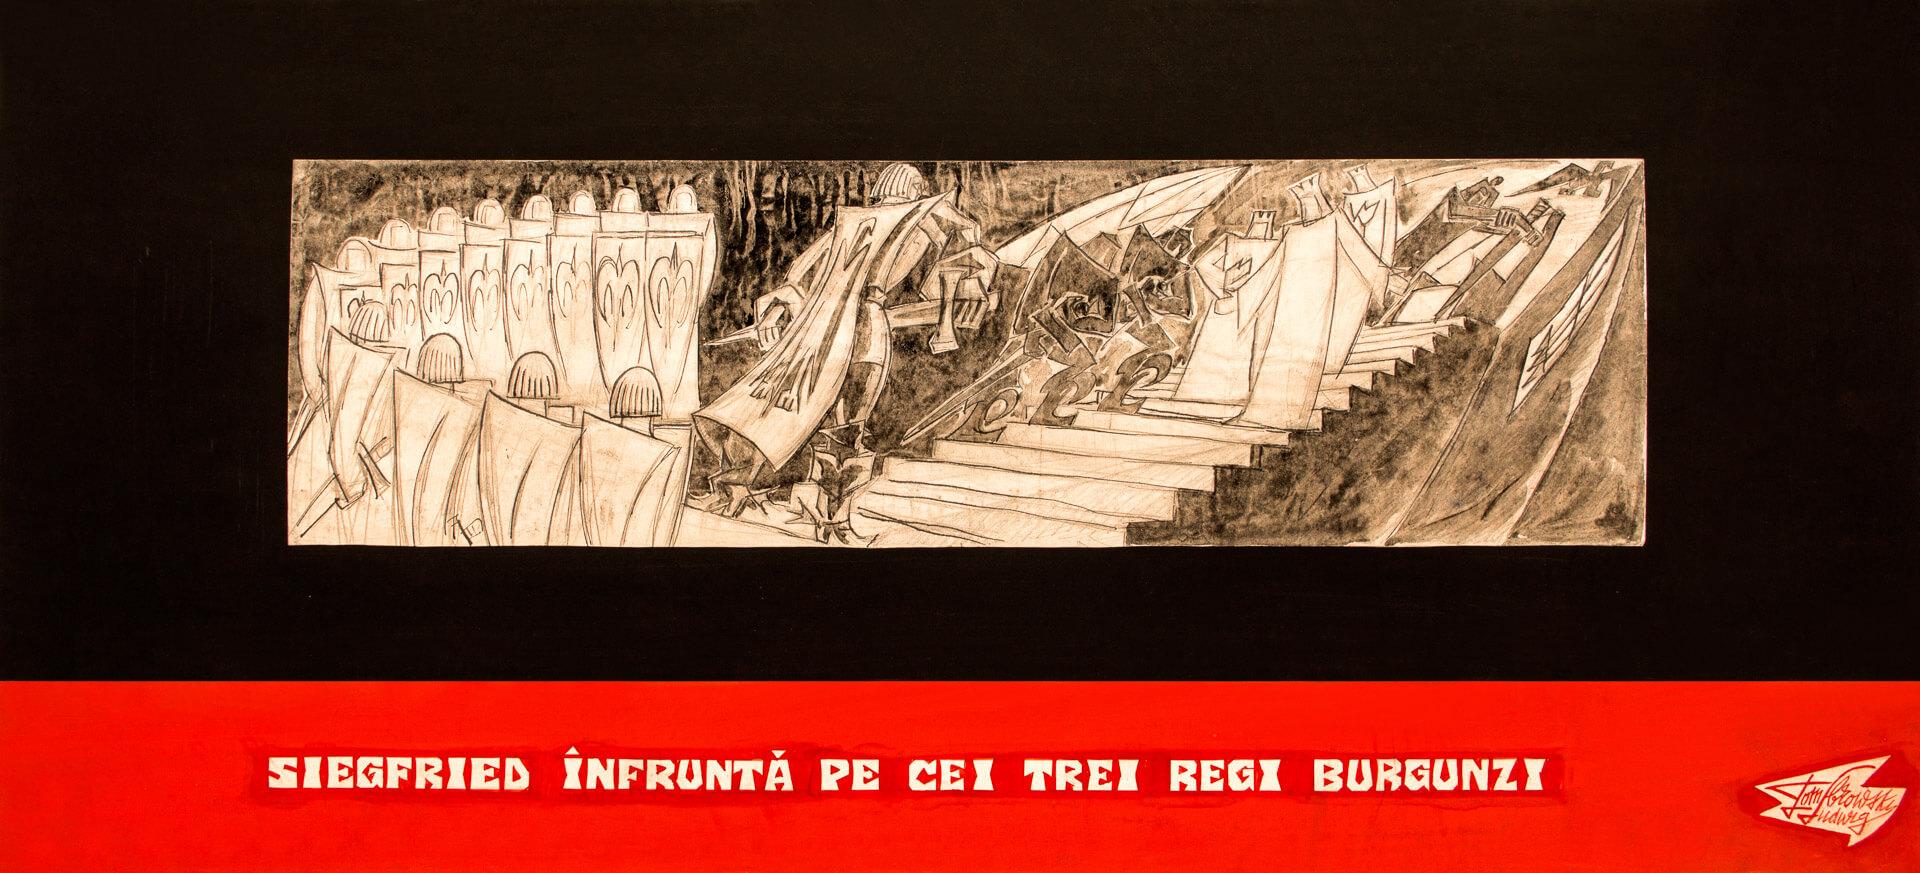 Siegfried înfruntă pe cei trei regi burgunzi